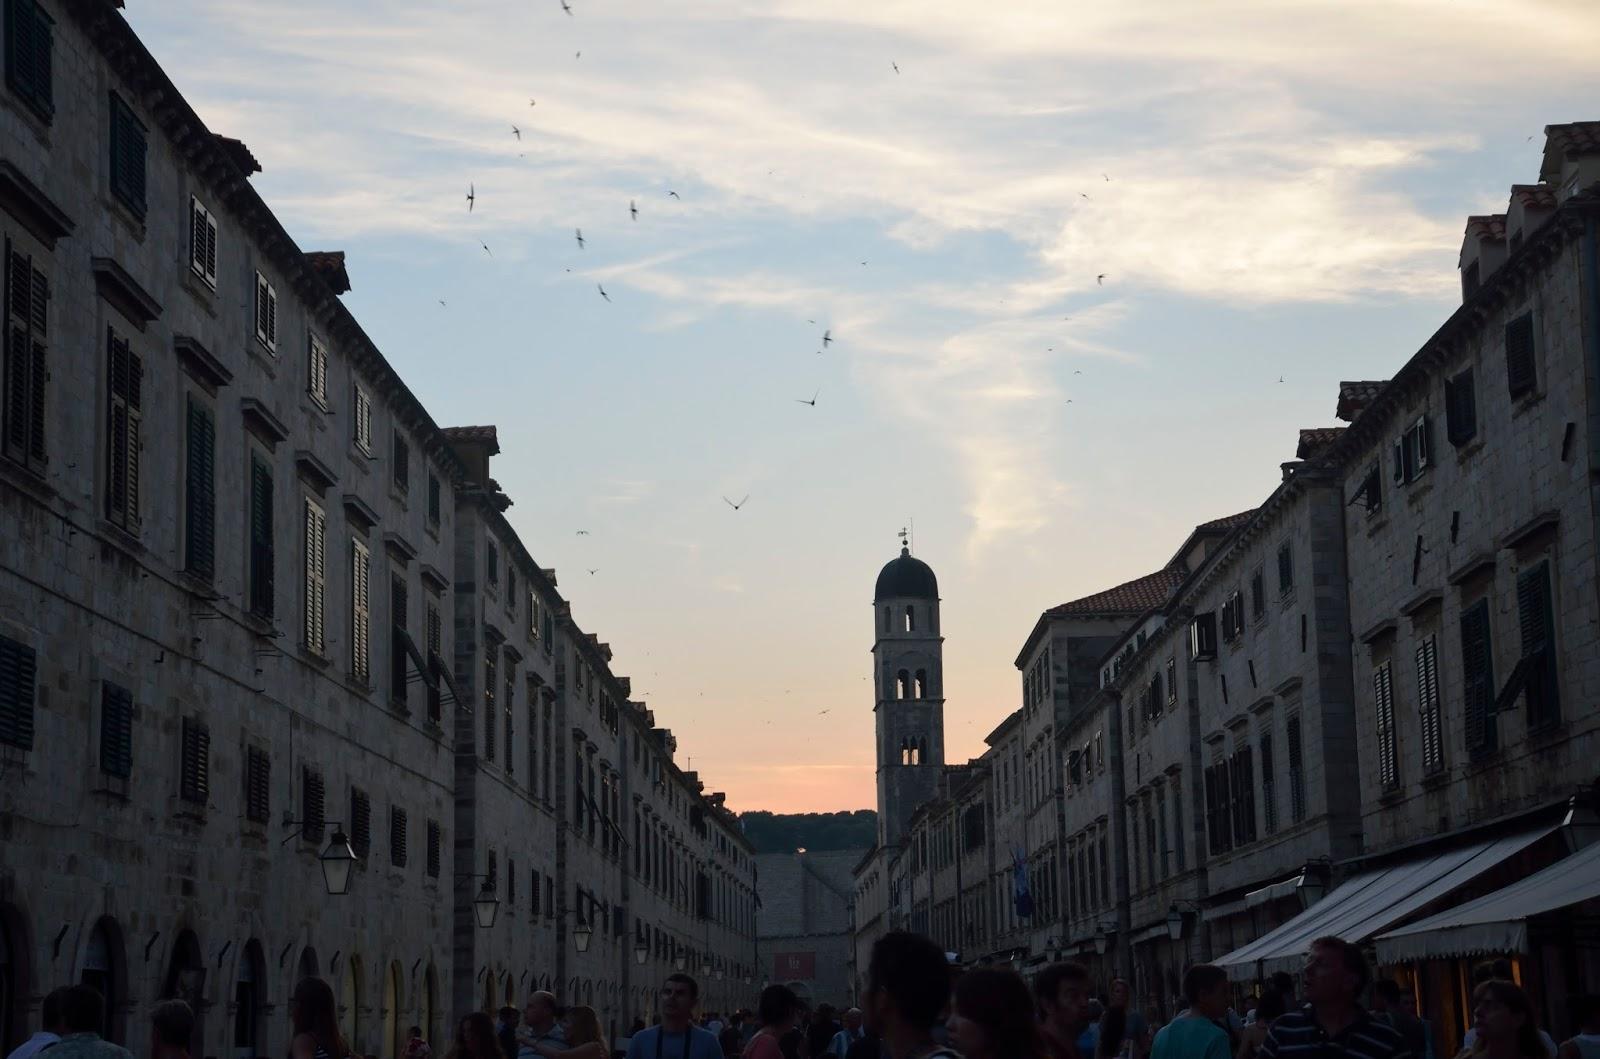 La calle principal de Dubrovnik al atardecer abarrotada de gente